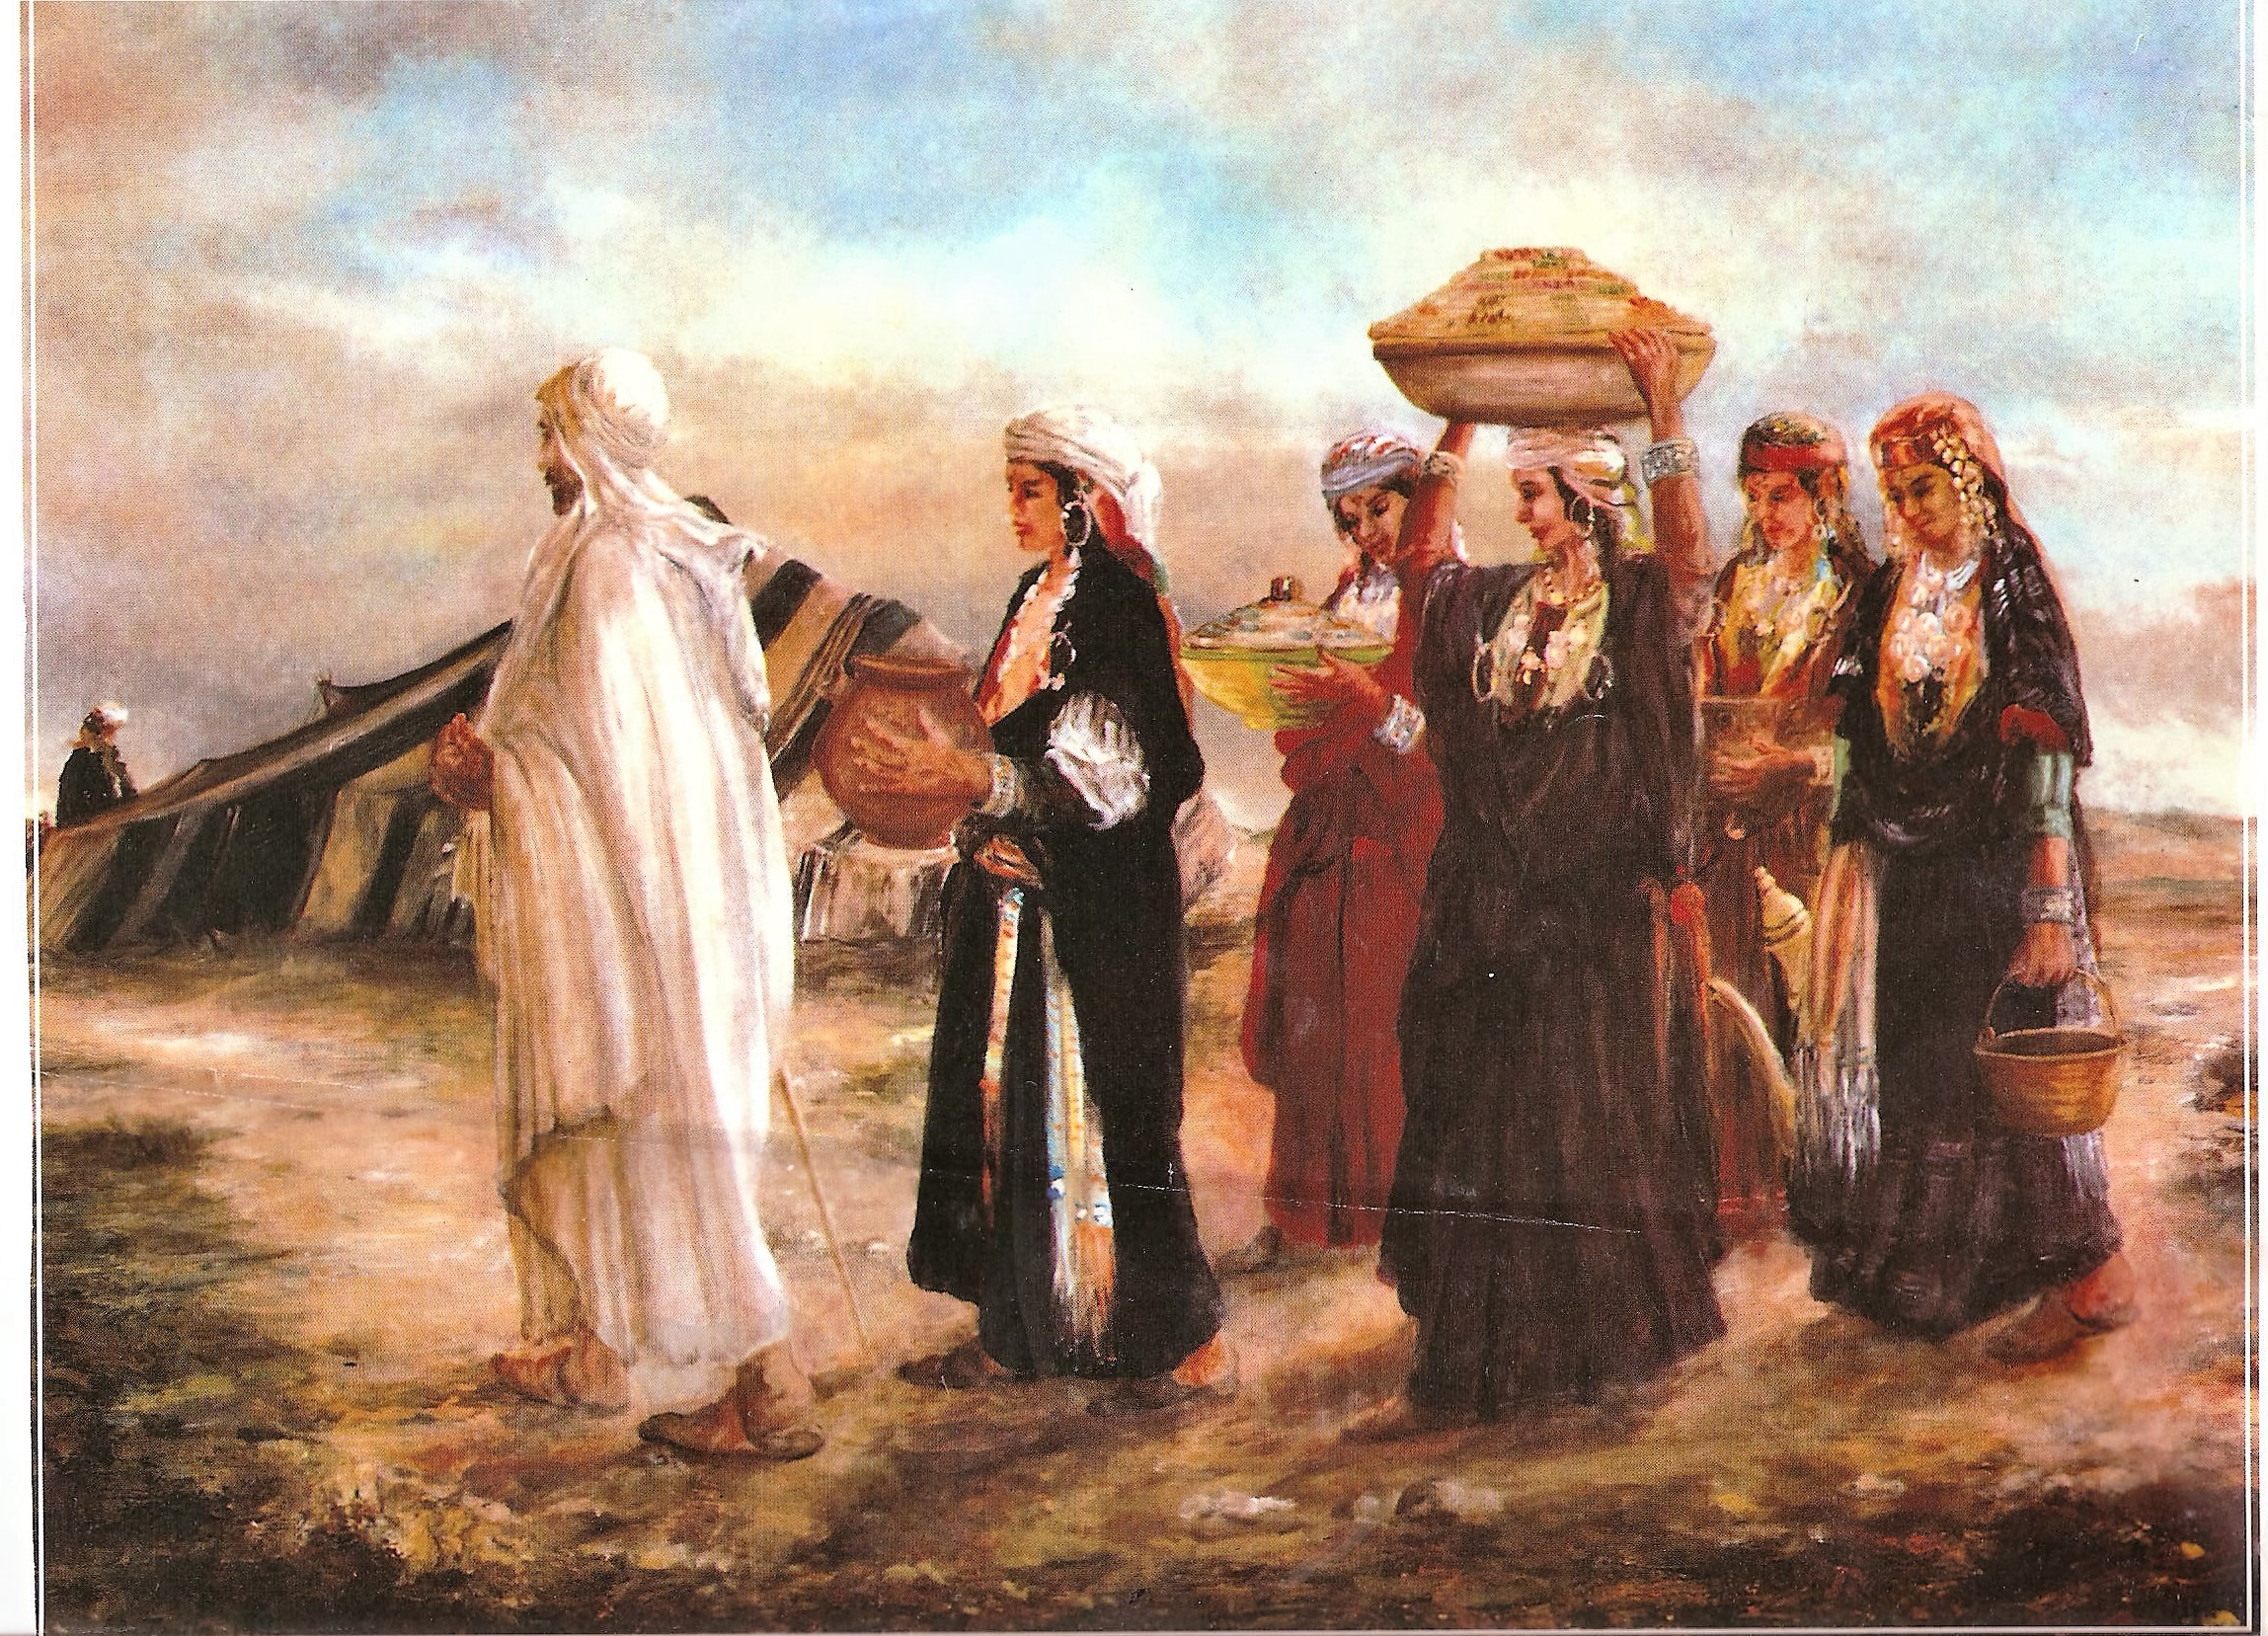 الواحة المرأة التقليدية